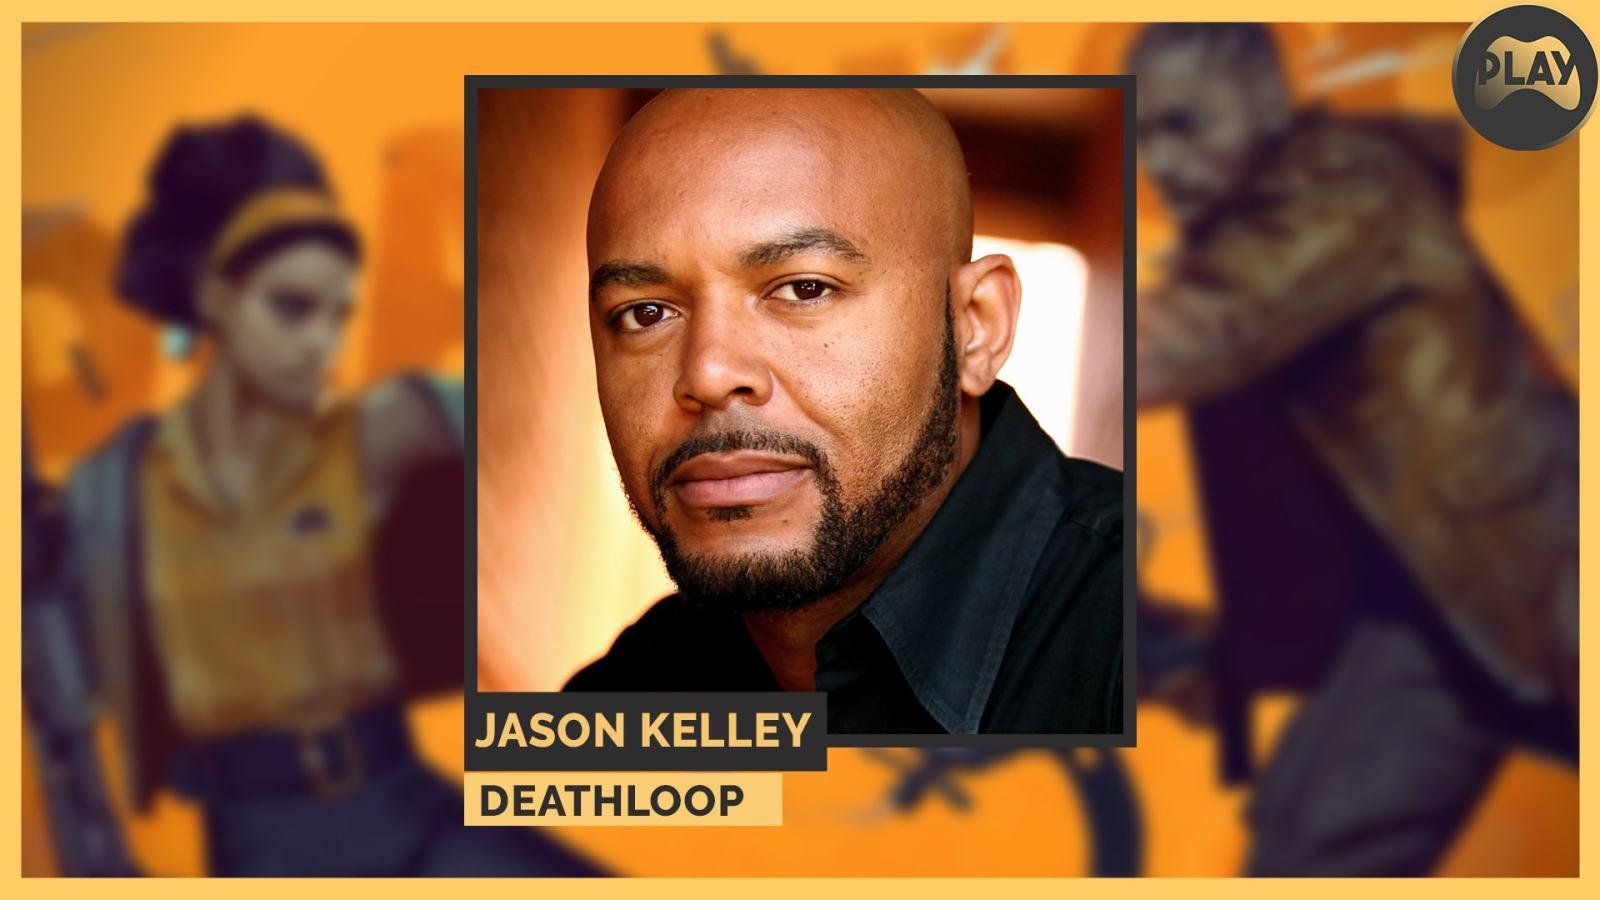 贝塞斯达高管送给《死亡循环》中柯尔特的配音演员一台PS5